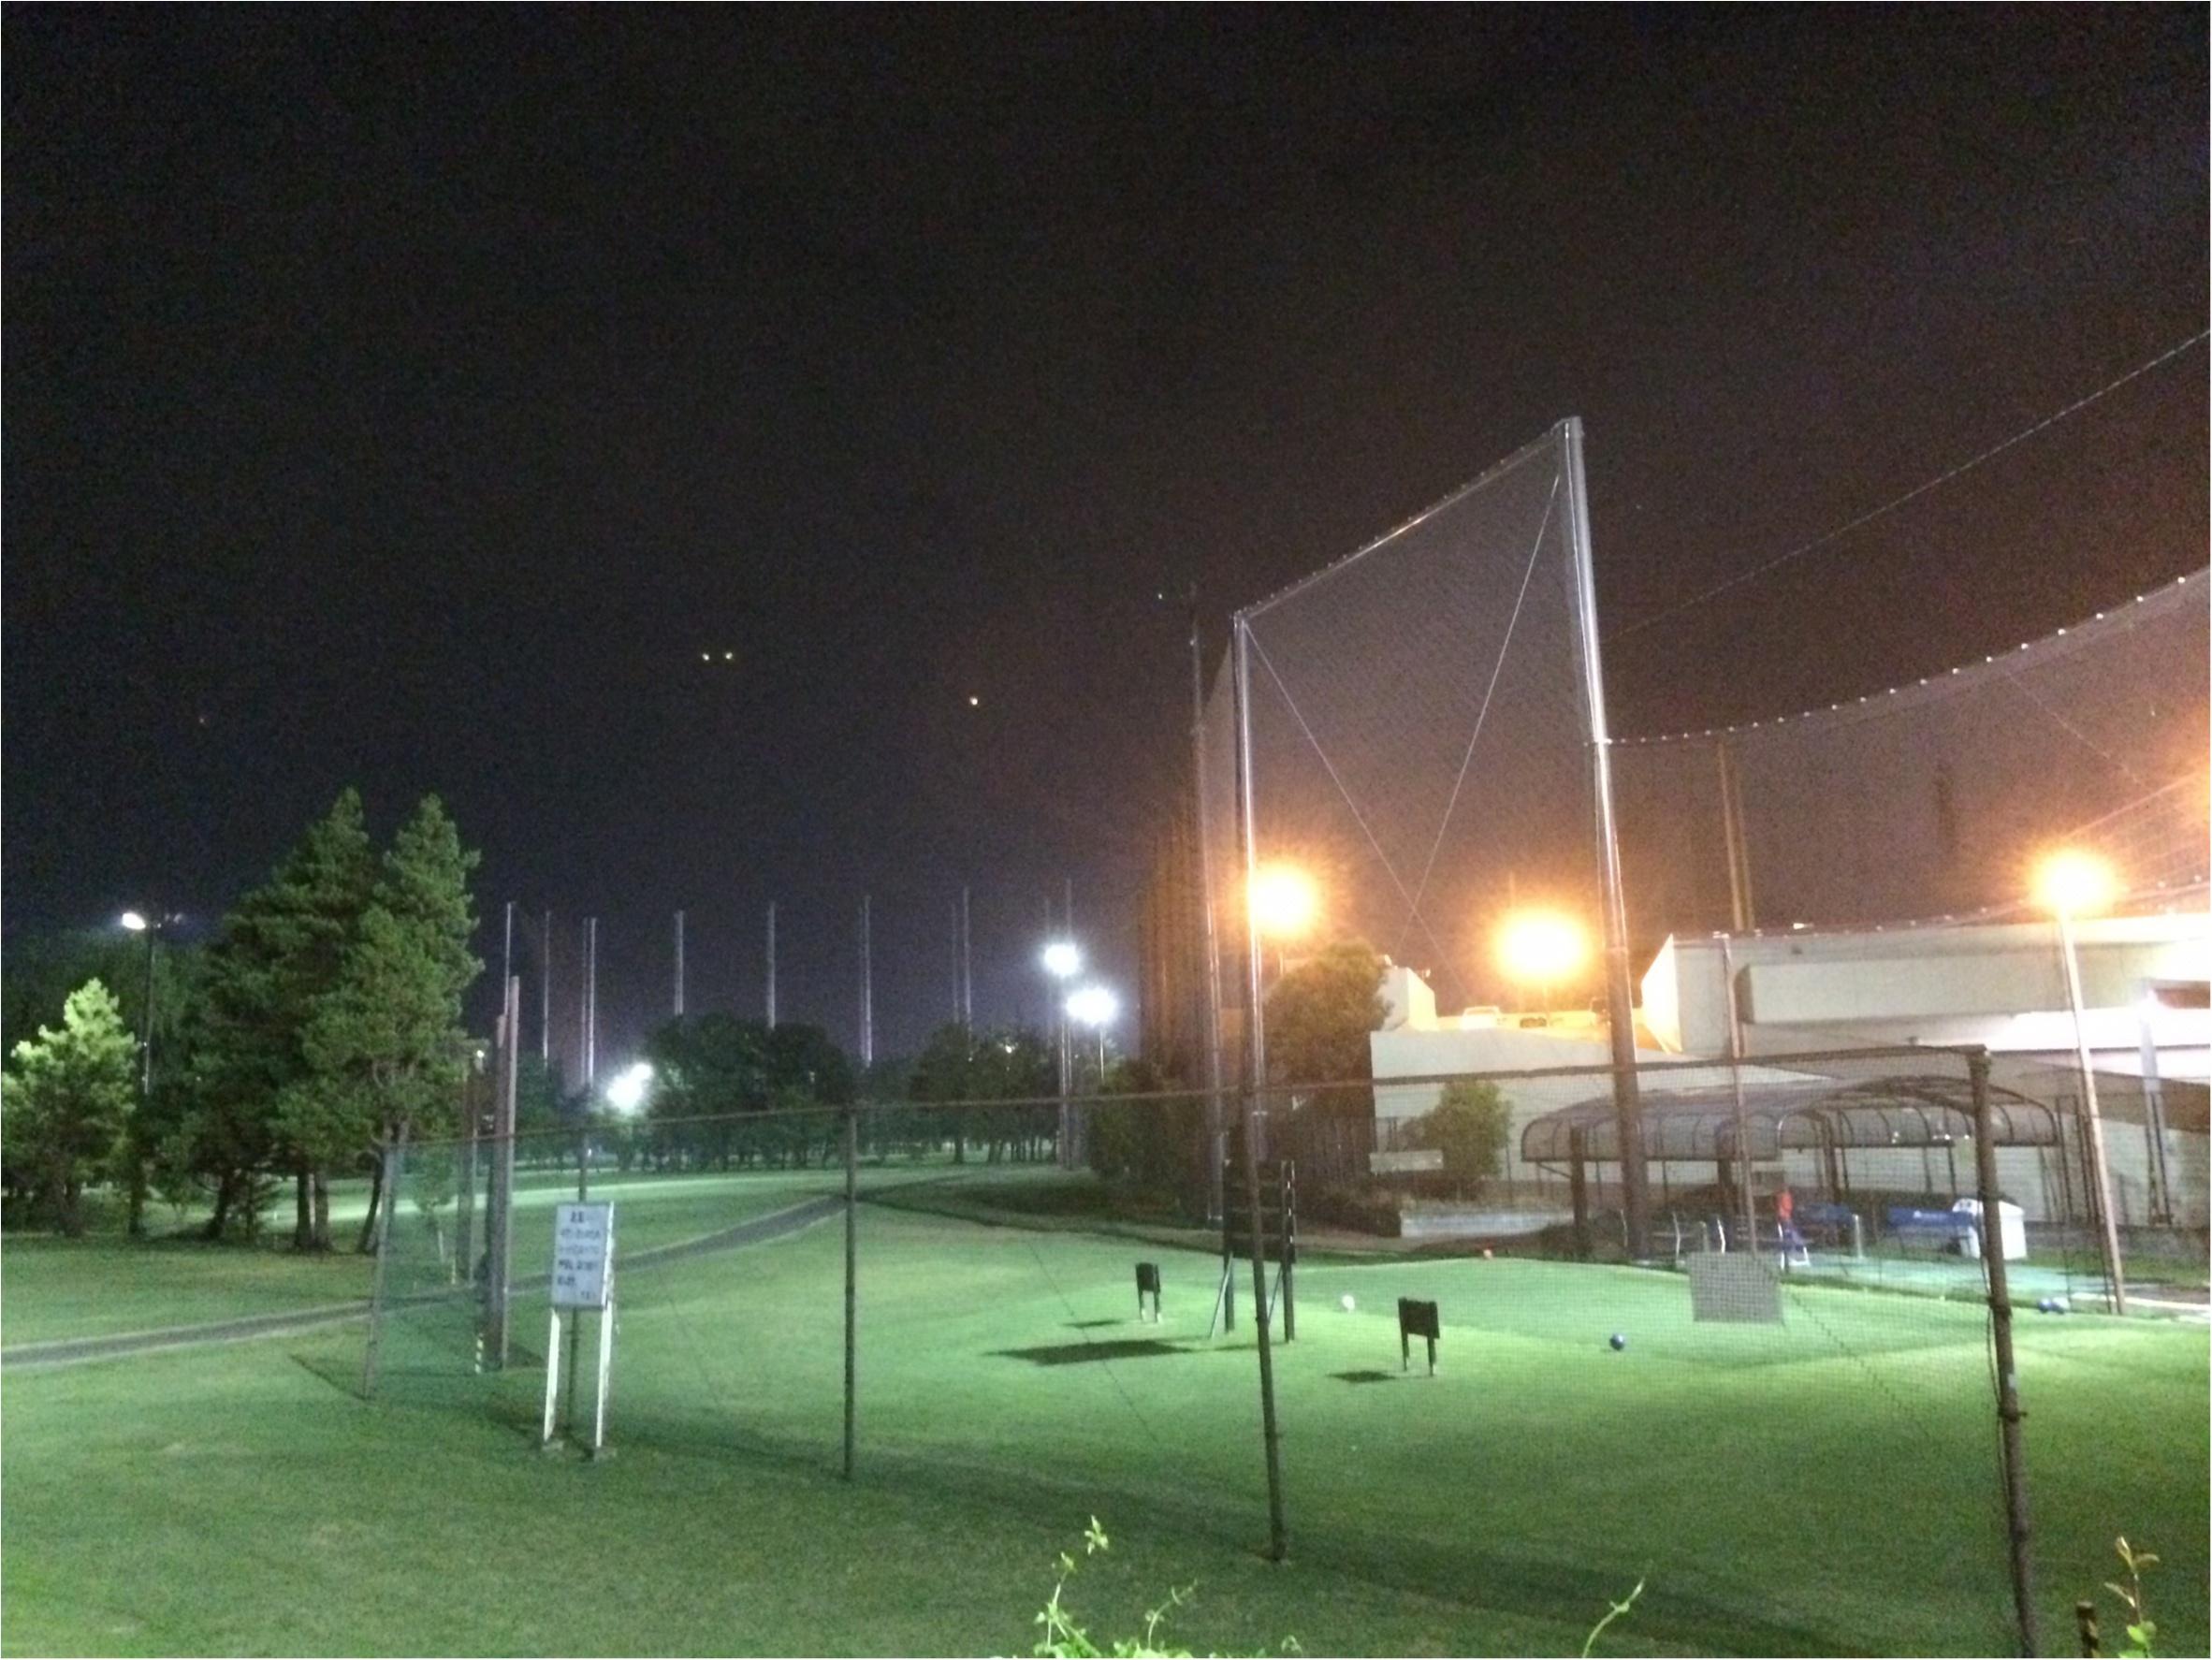 夏の夜にもビギナーにもピッタリ★ 涼しく回れるナイターゴルフをご紹介!【#モアチャレ ゴルフチャレンジ】_2_1